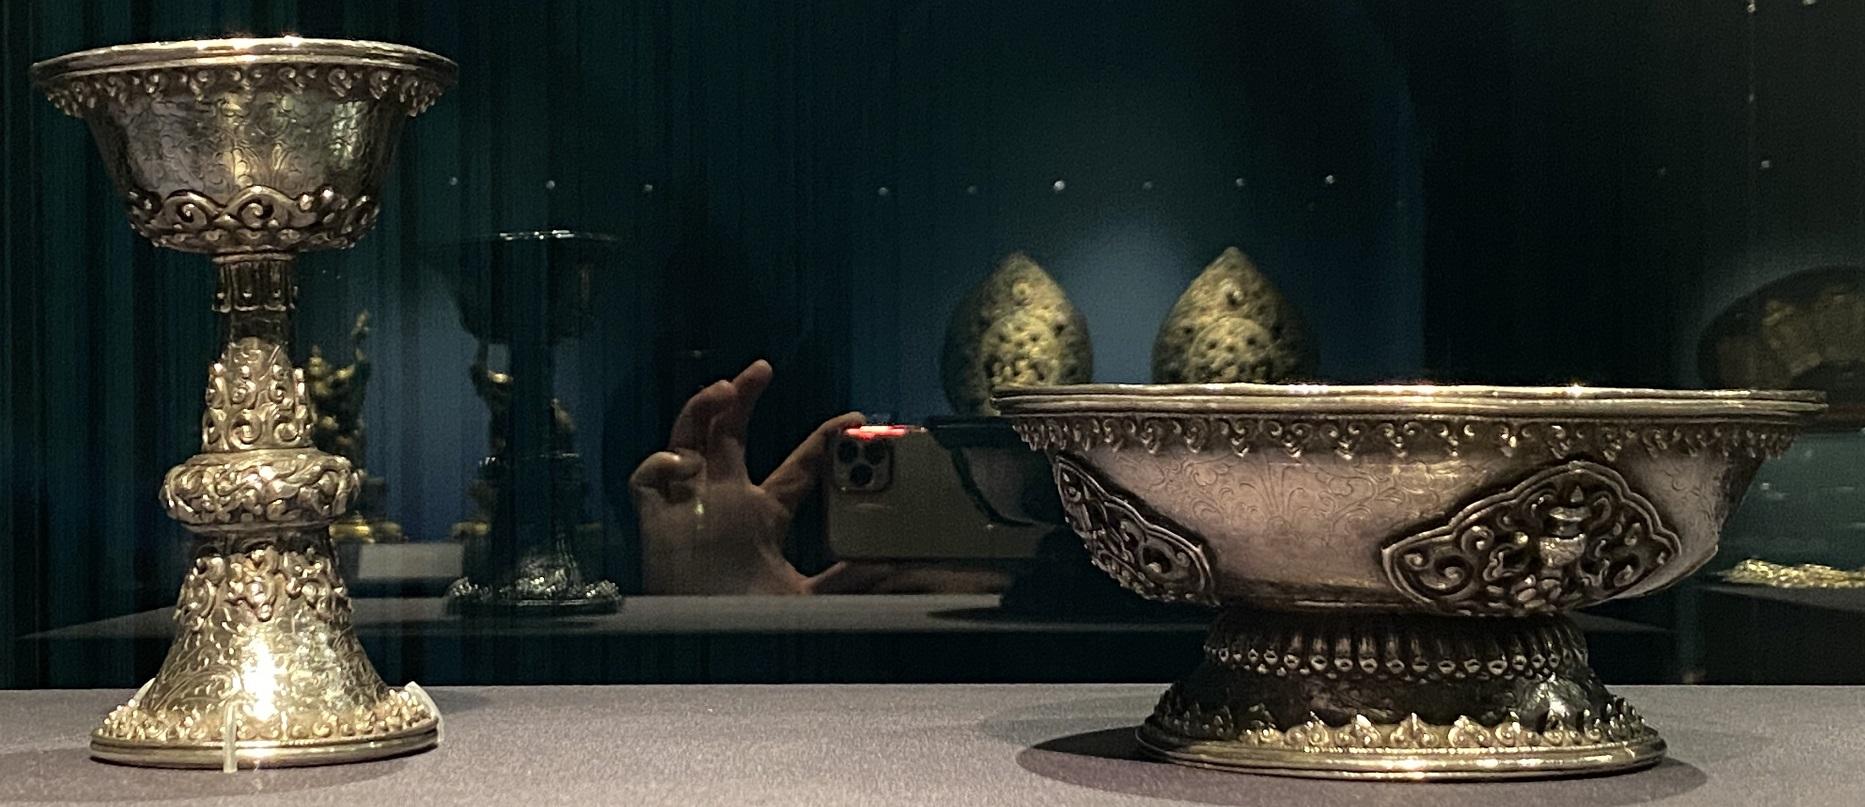 銀高足杯・碗-特別展【七宝玲瓏-ヒマラヤからの芸術珍品】-金沙遺跡博物館-成都